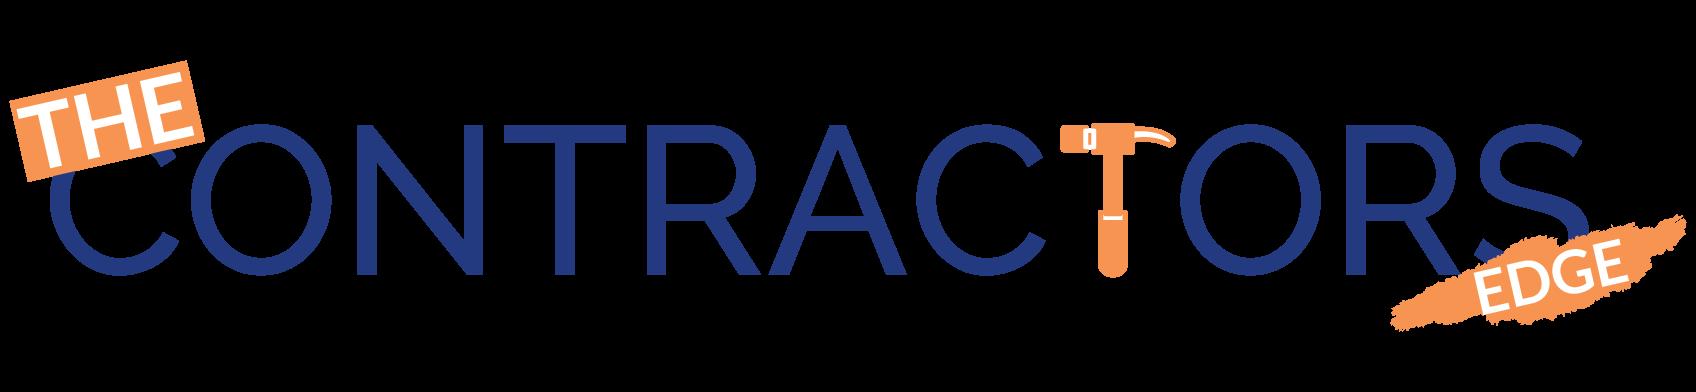 Contractors Edge Logo 2018.png